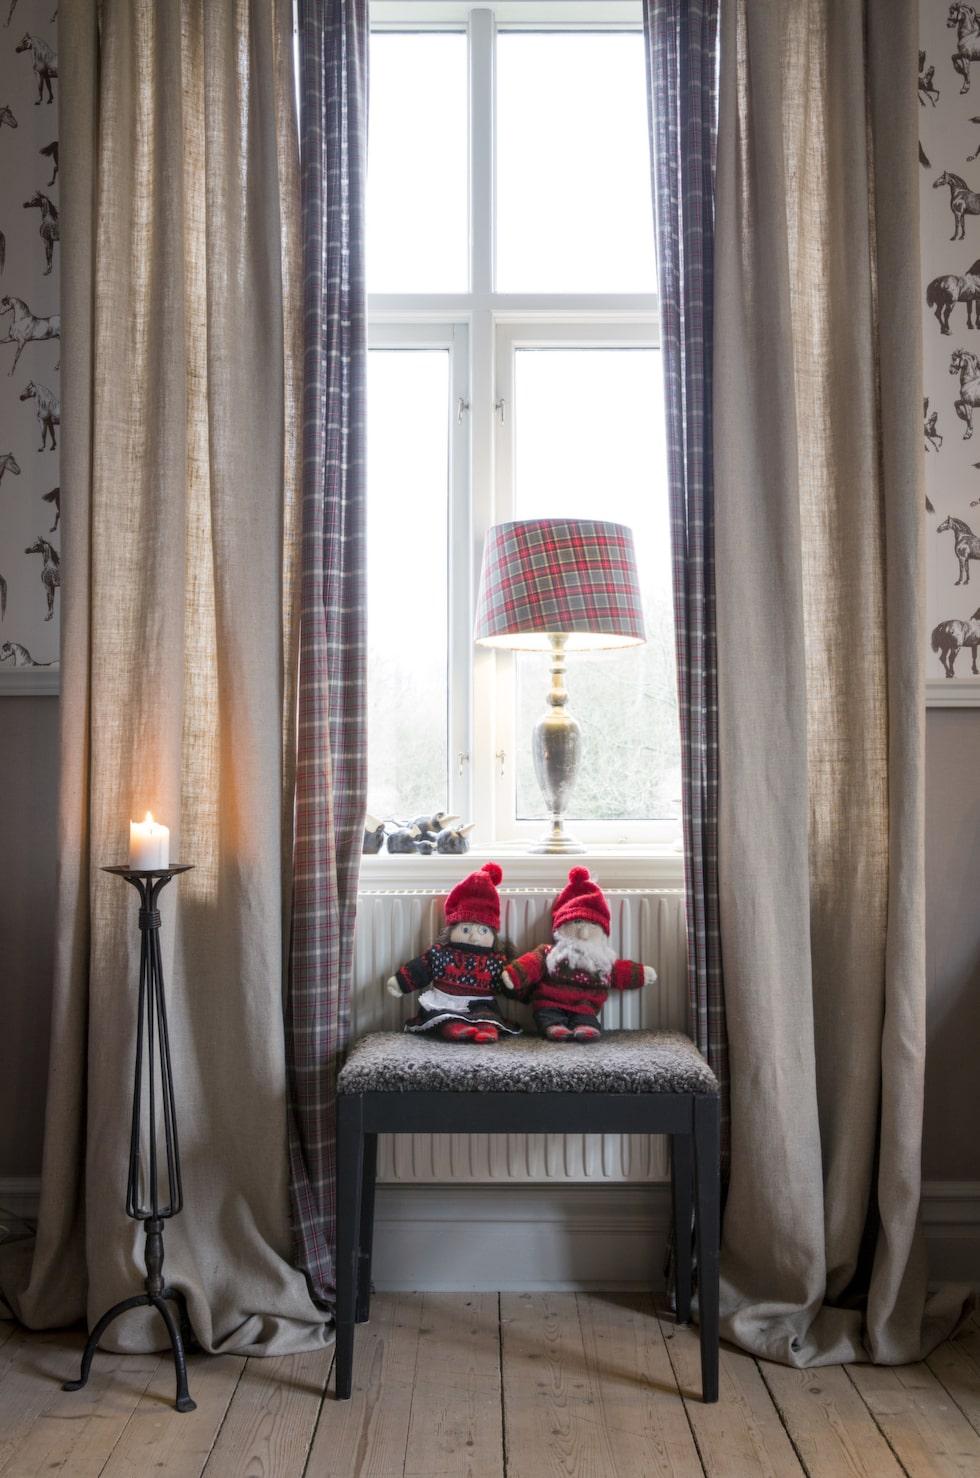 Tomtar. Skotskrutigt är en av Britts favoriter till jul. I konjaksrummet hänger gardiner fodrade med rutigt tyg. Lampa med rutig lampskärm från Britts egen inredningsbutik.